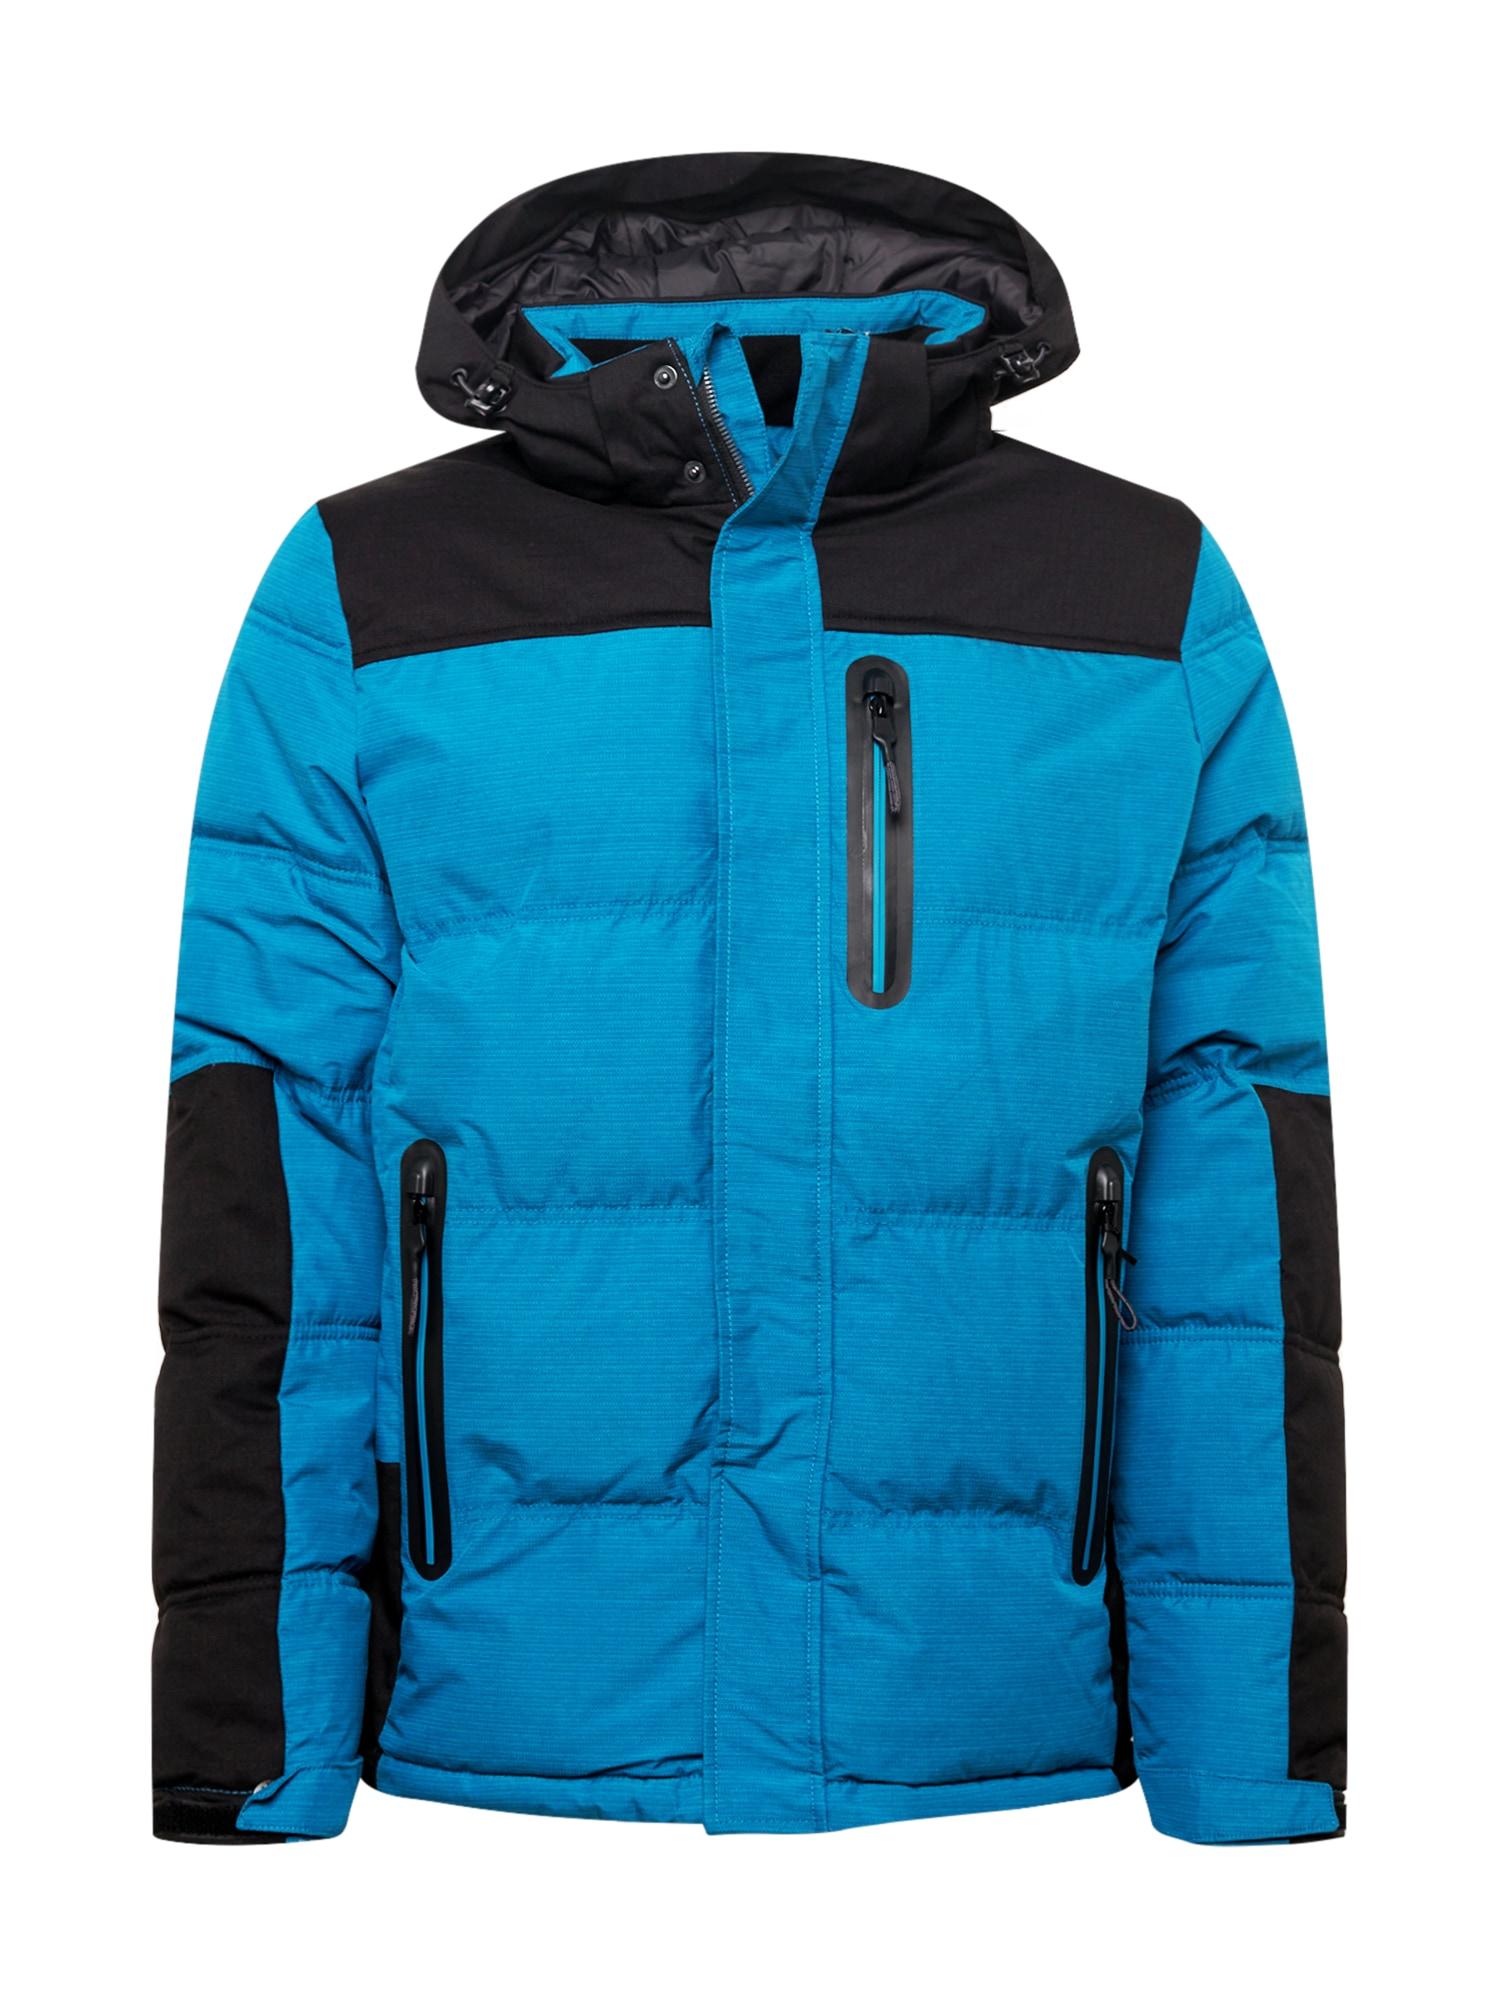 KILLTEC Sportovní bunda  nebeská modř / černá